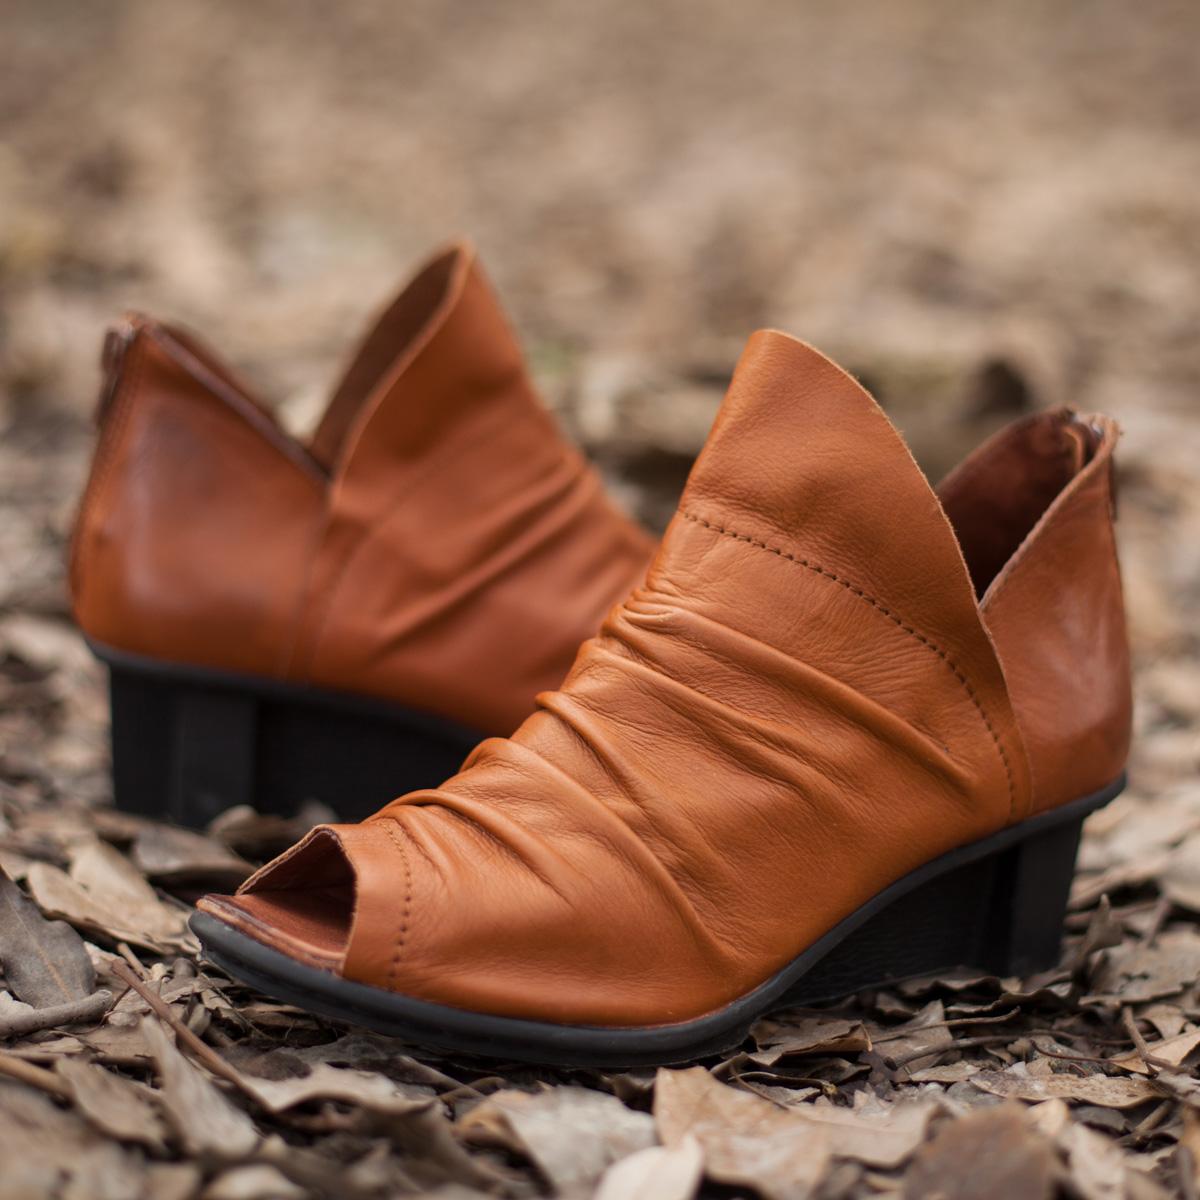 吐火罗春款原创真皮独特小尖头民族风褶皱牛皮单鞋坡跟素人风女鞋